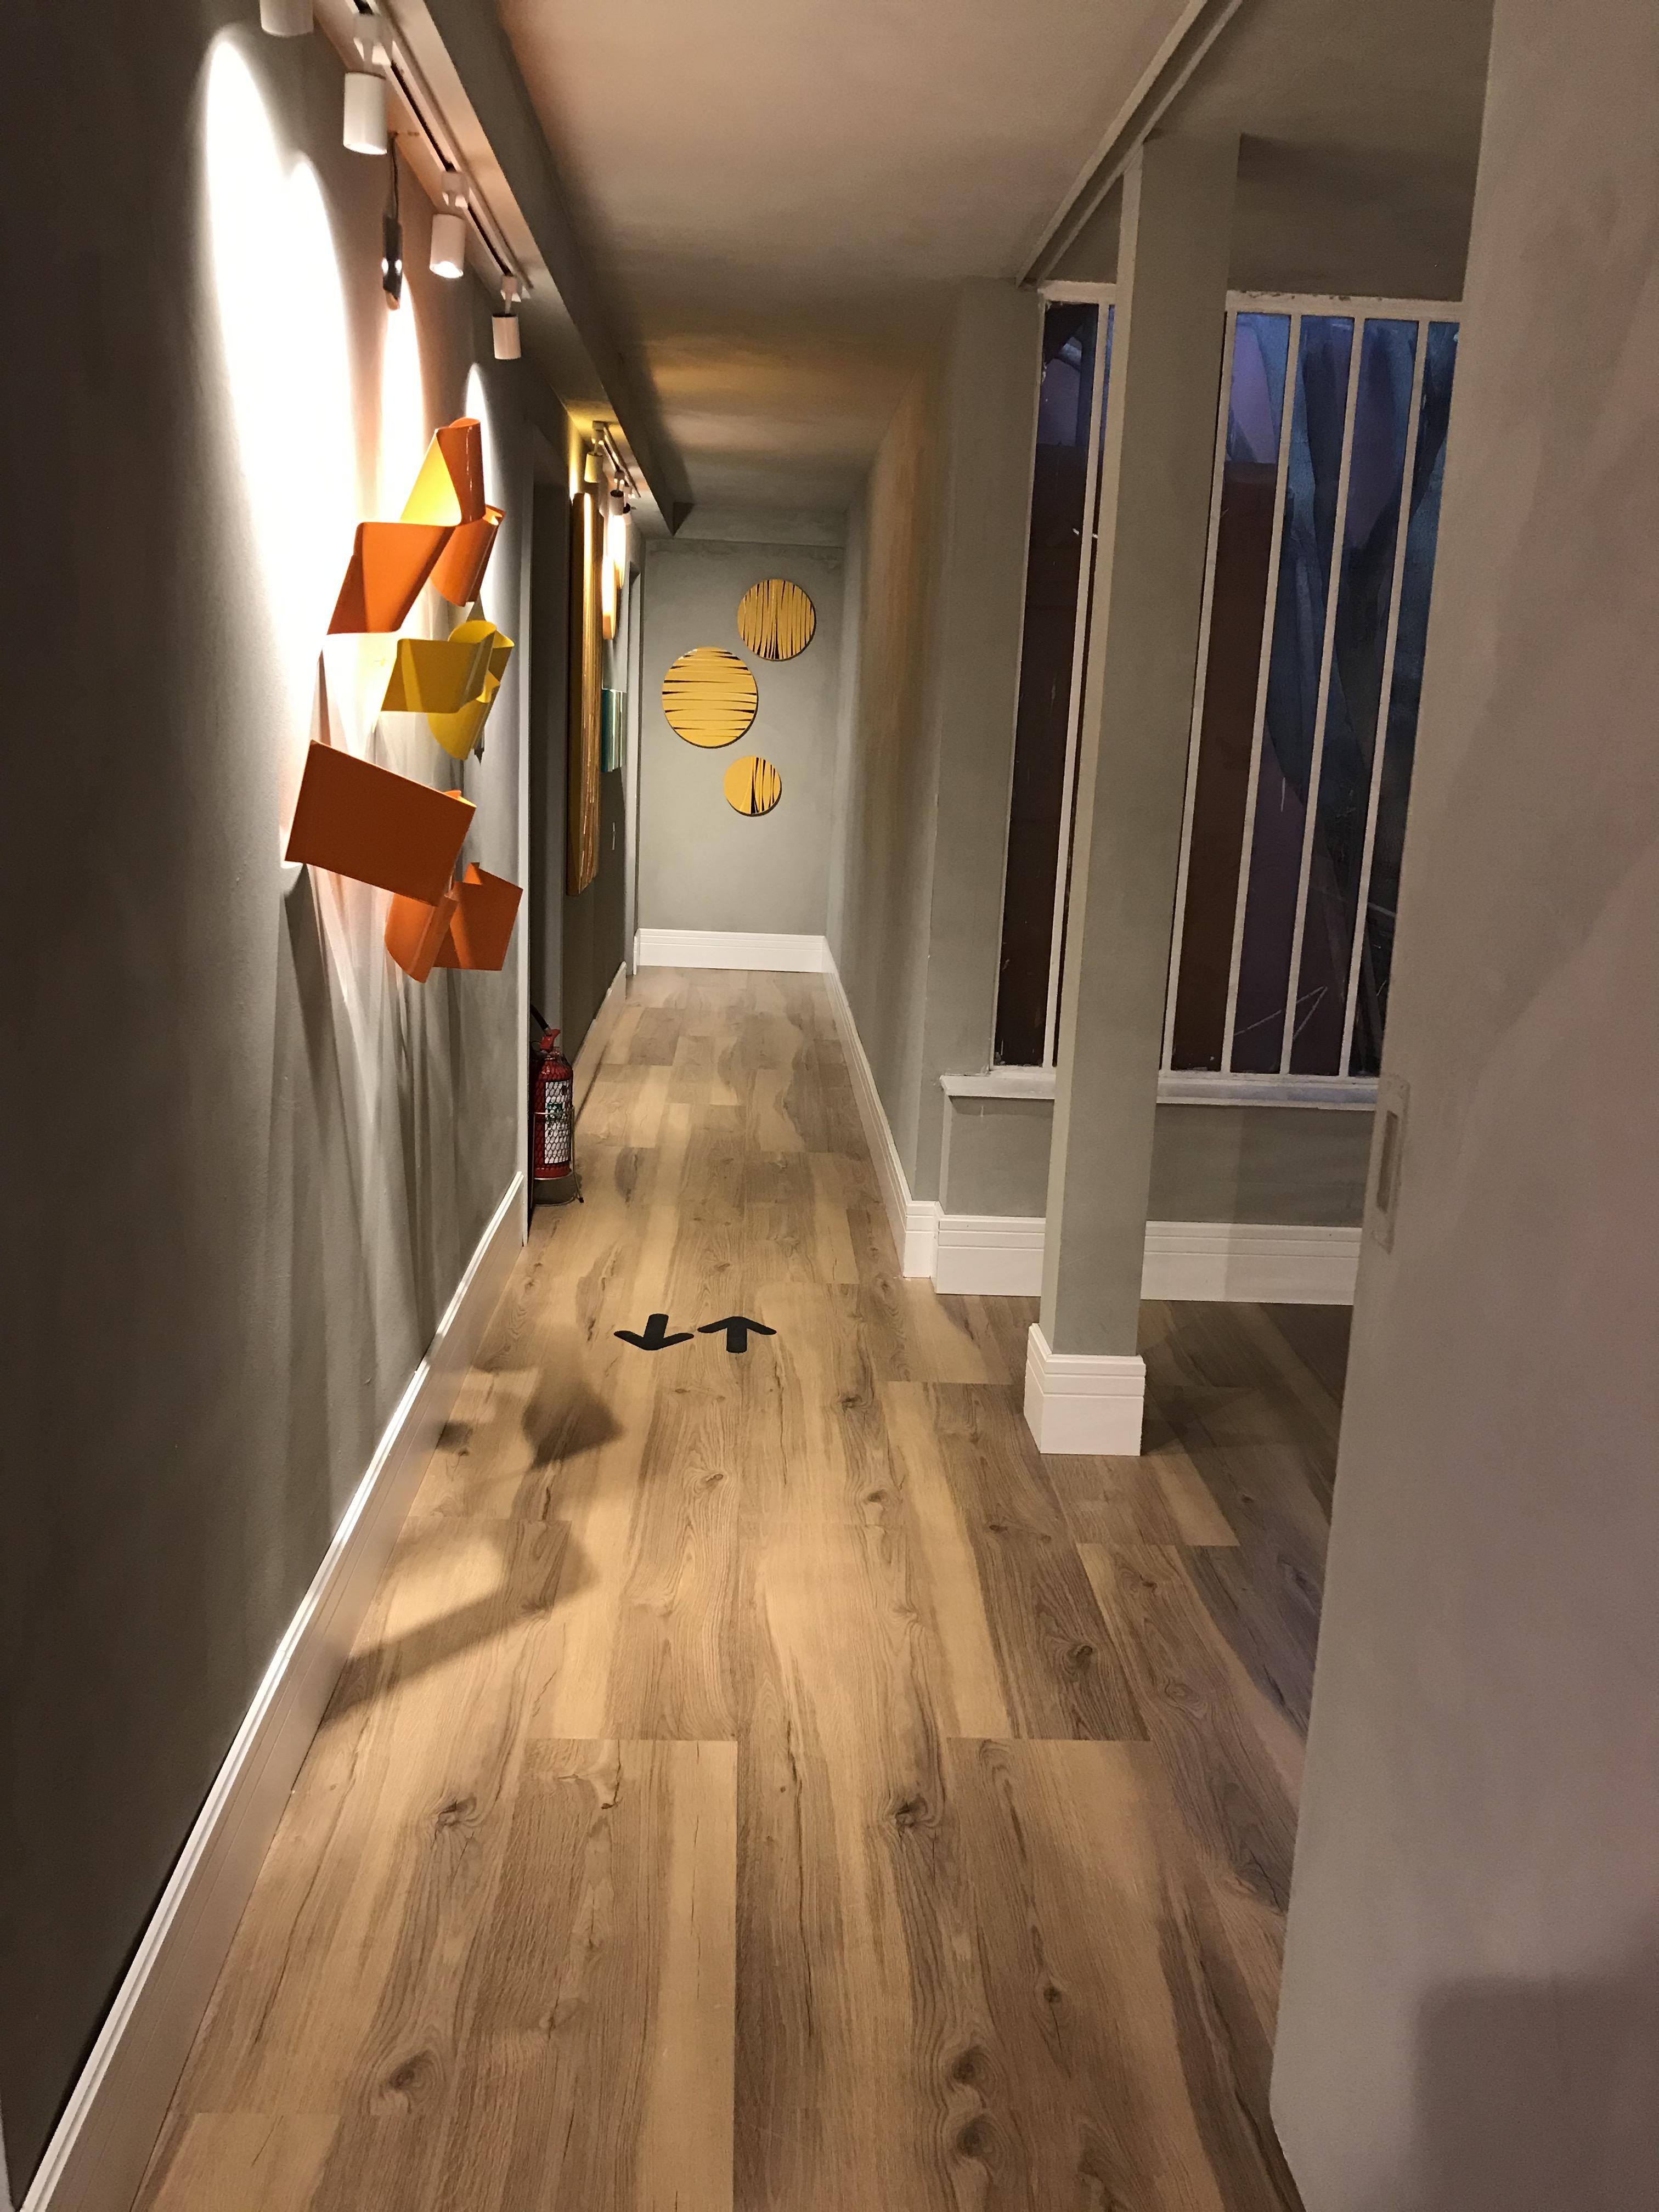 Corredor com piso laminado que imita madeira, rodapé branco e paredes com cimento queimado